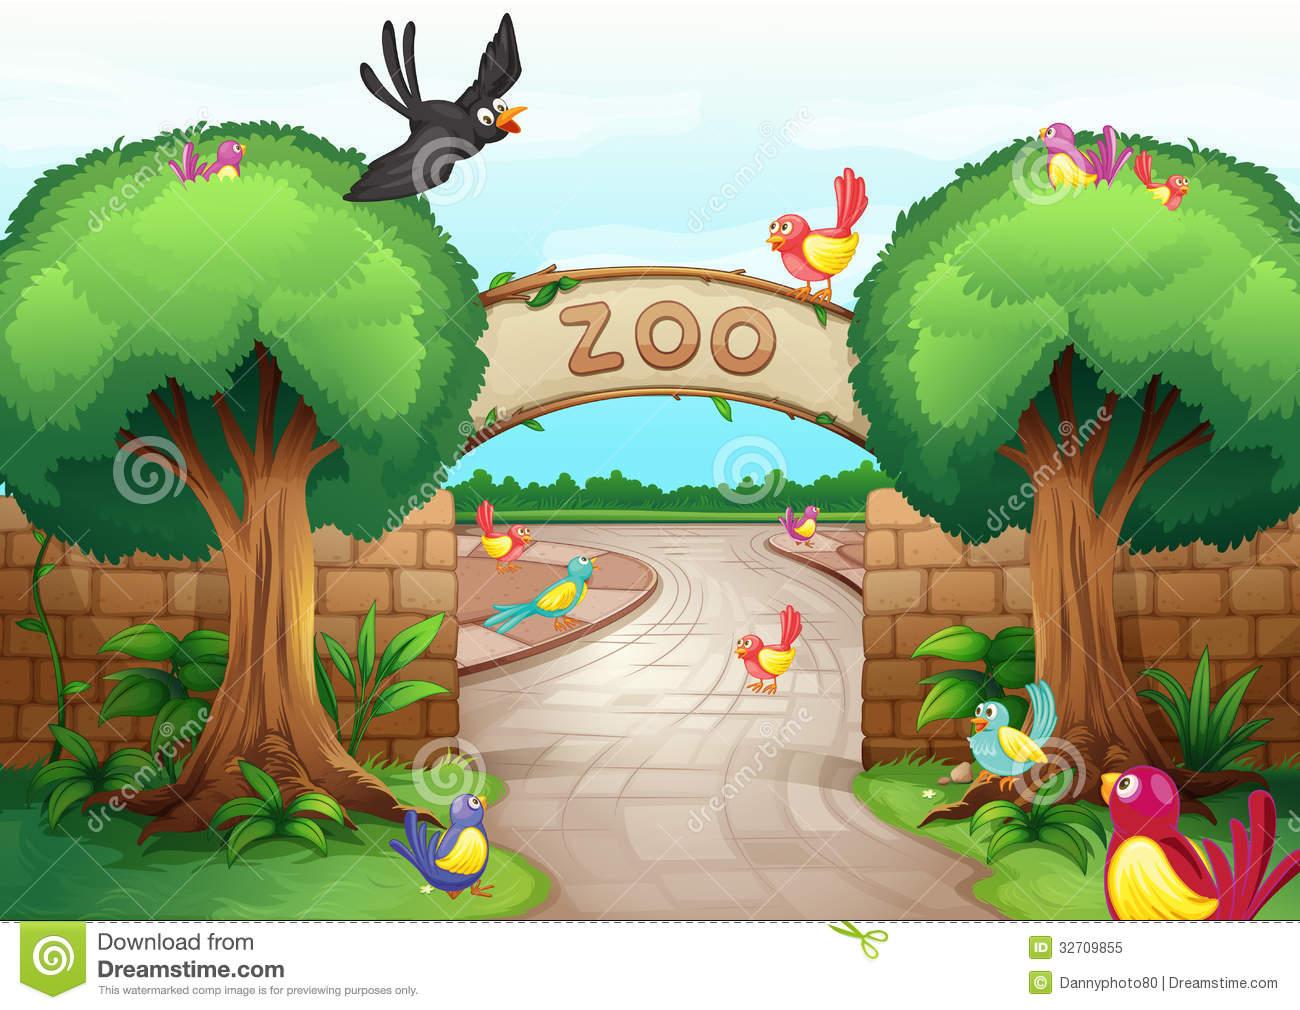 Zoo scene stock vector. Illustration of bird, clipart.